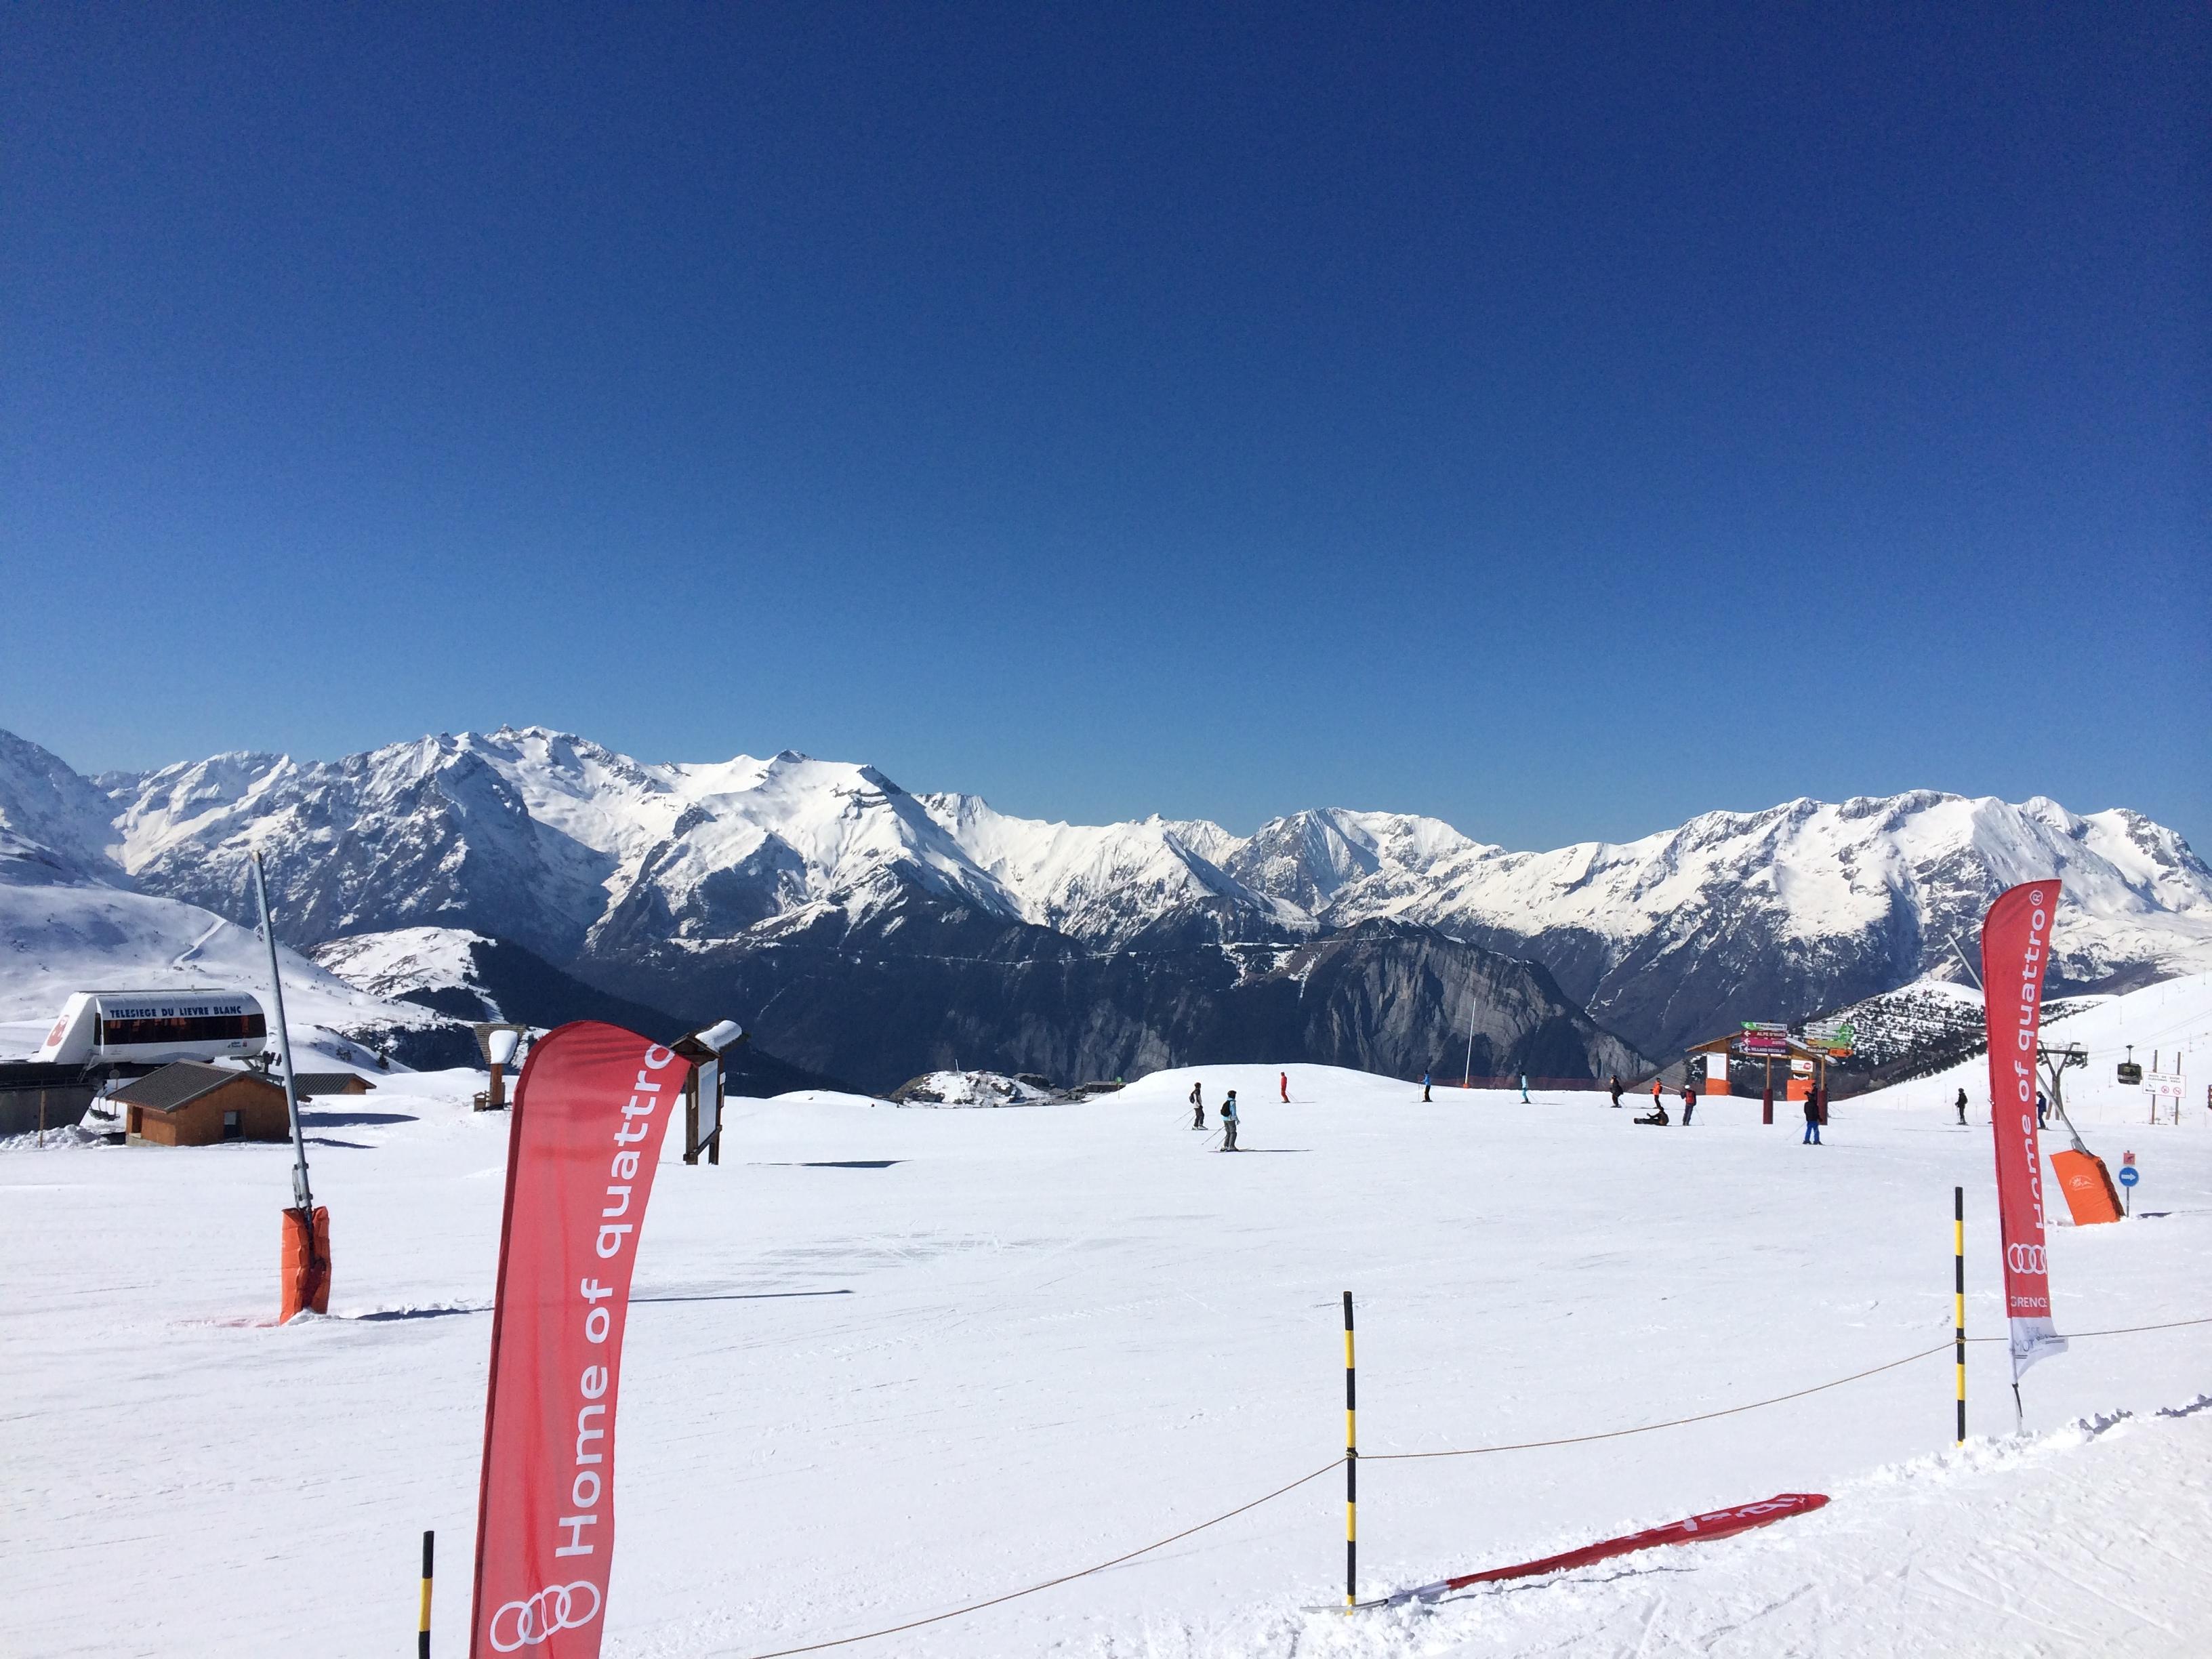 alpe dhuez, family skiing in aloe dhuez, sunny alpedhuez